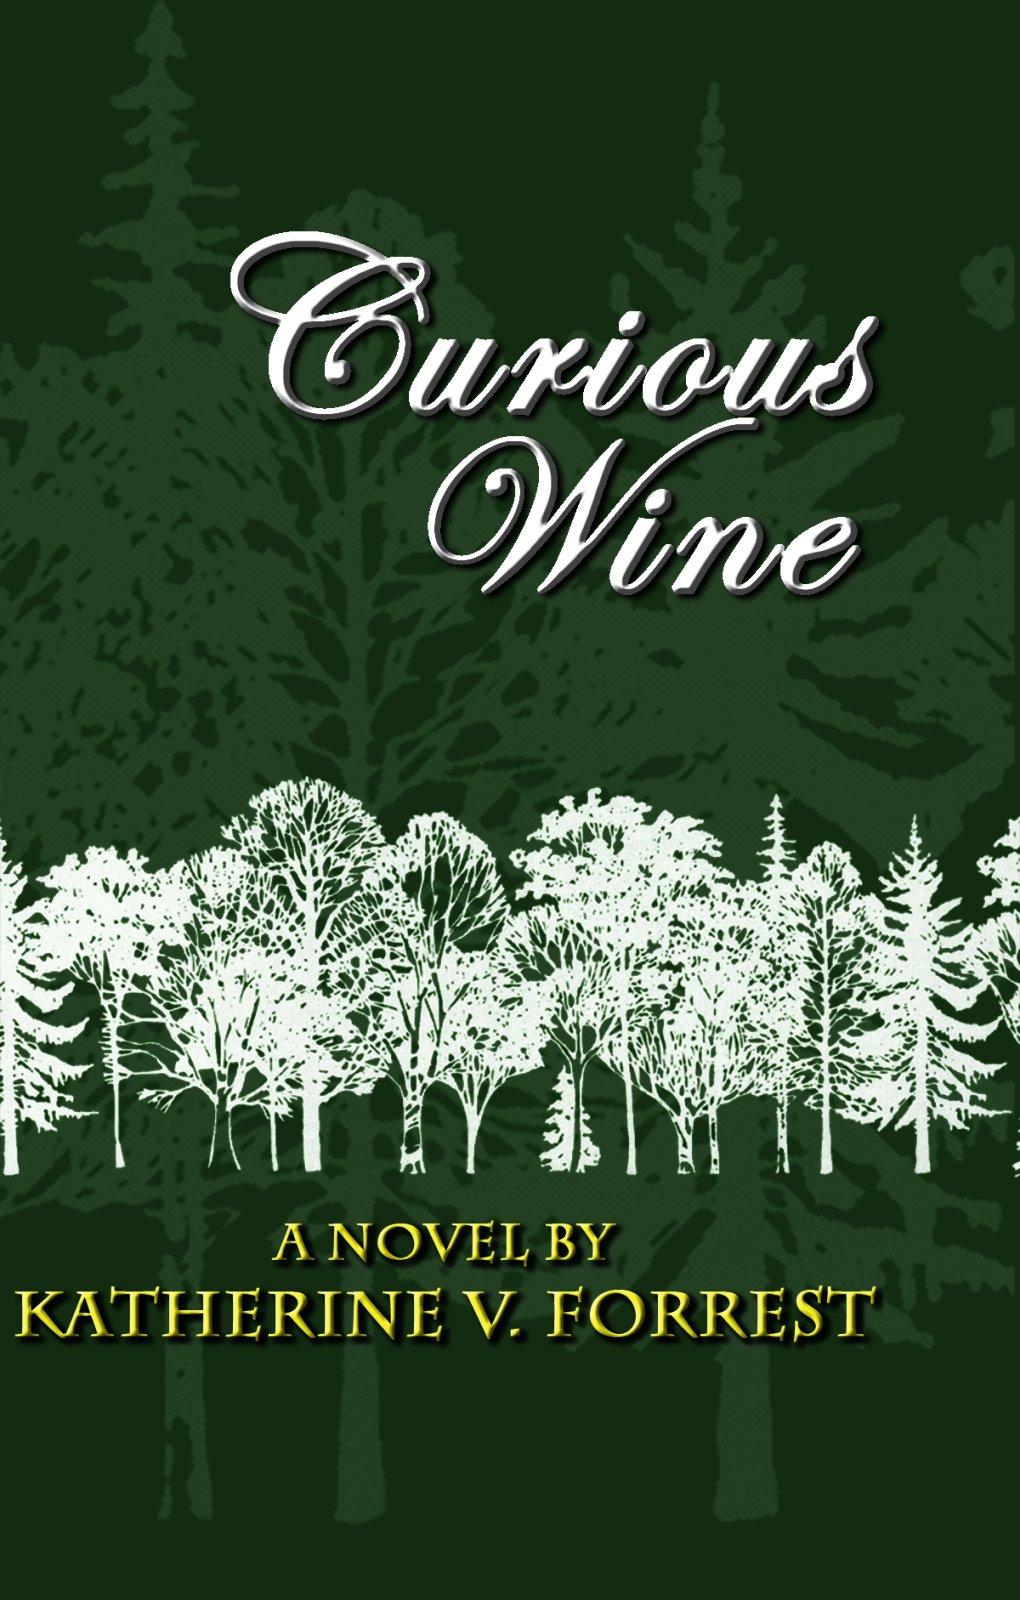 Copy of Katherine V. Forrest